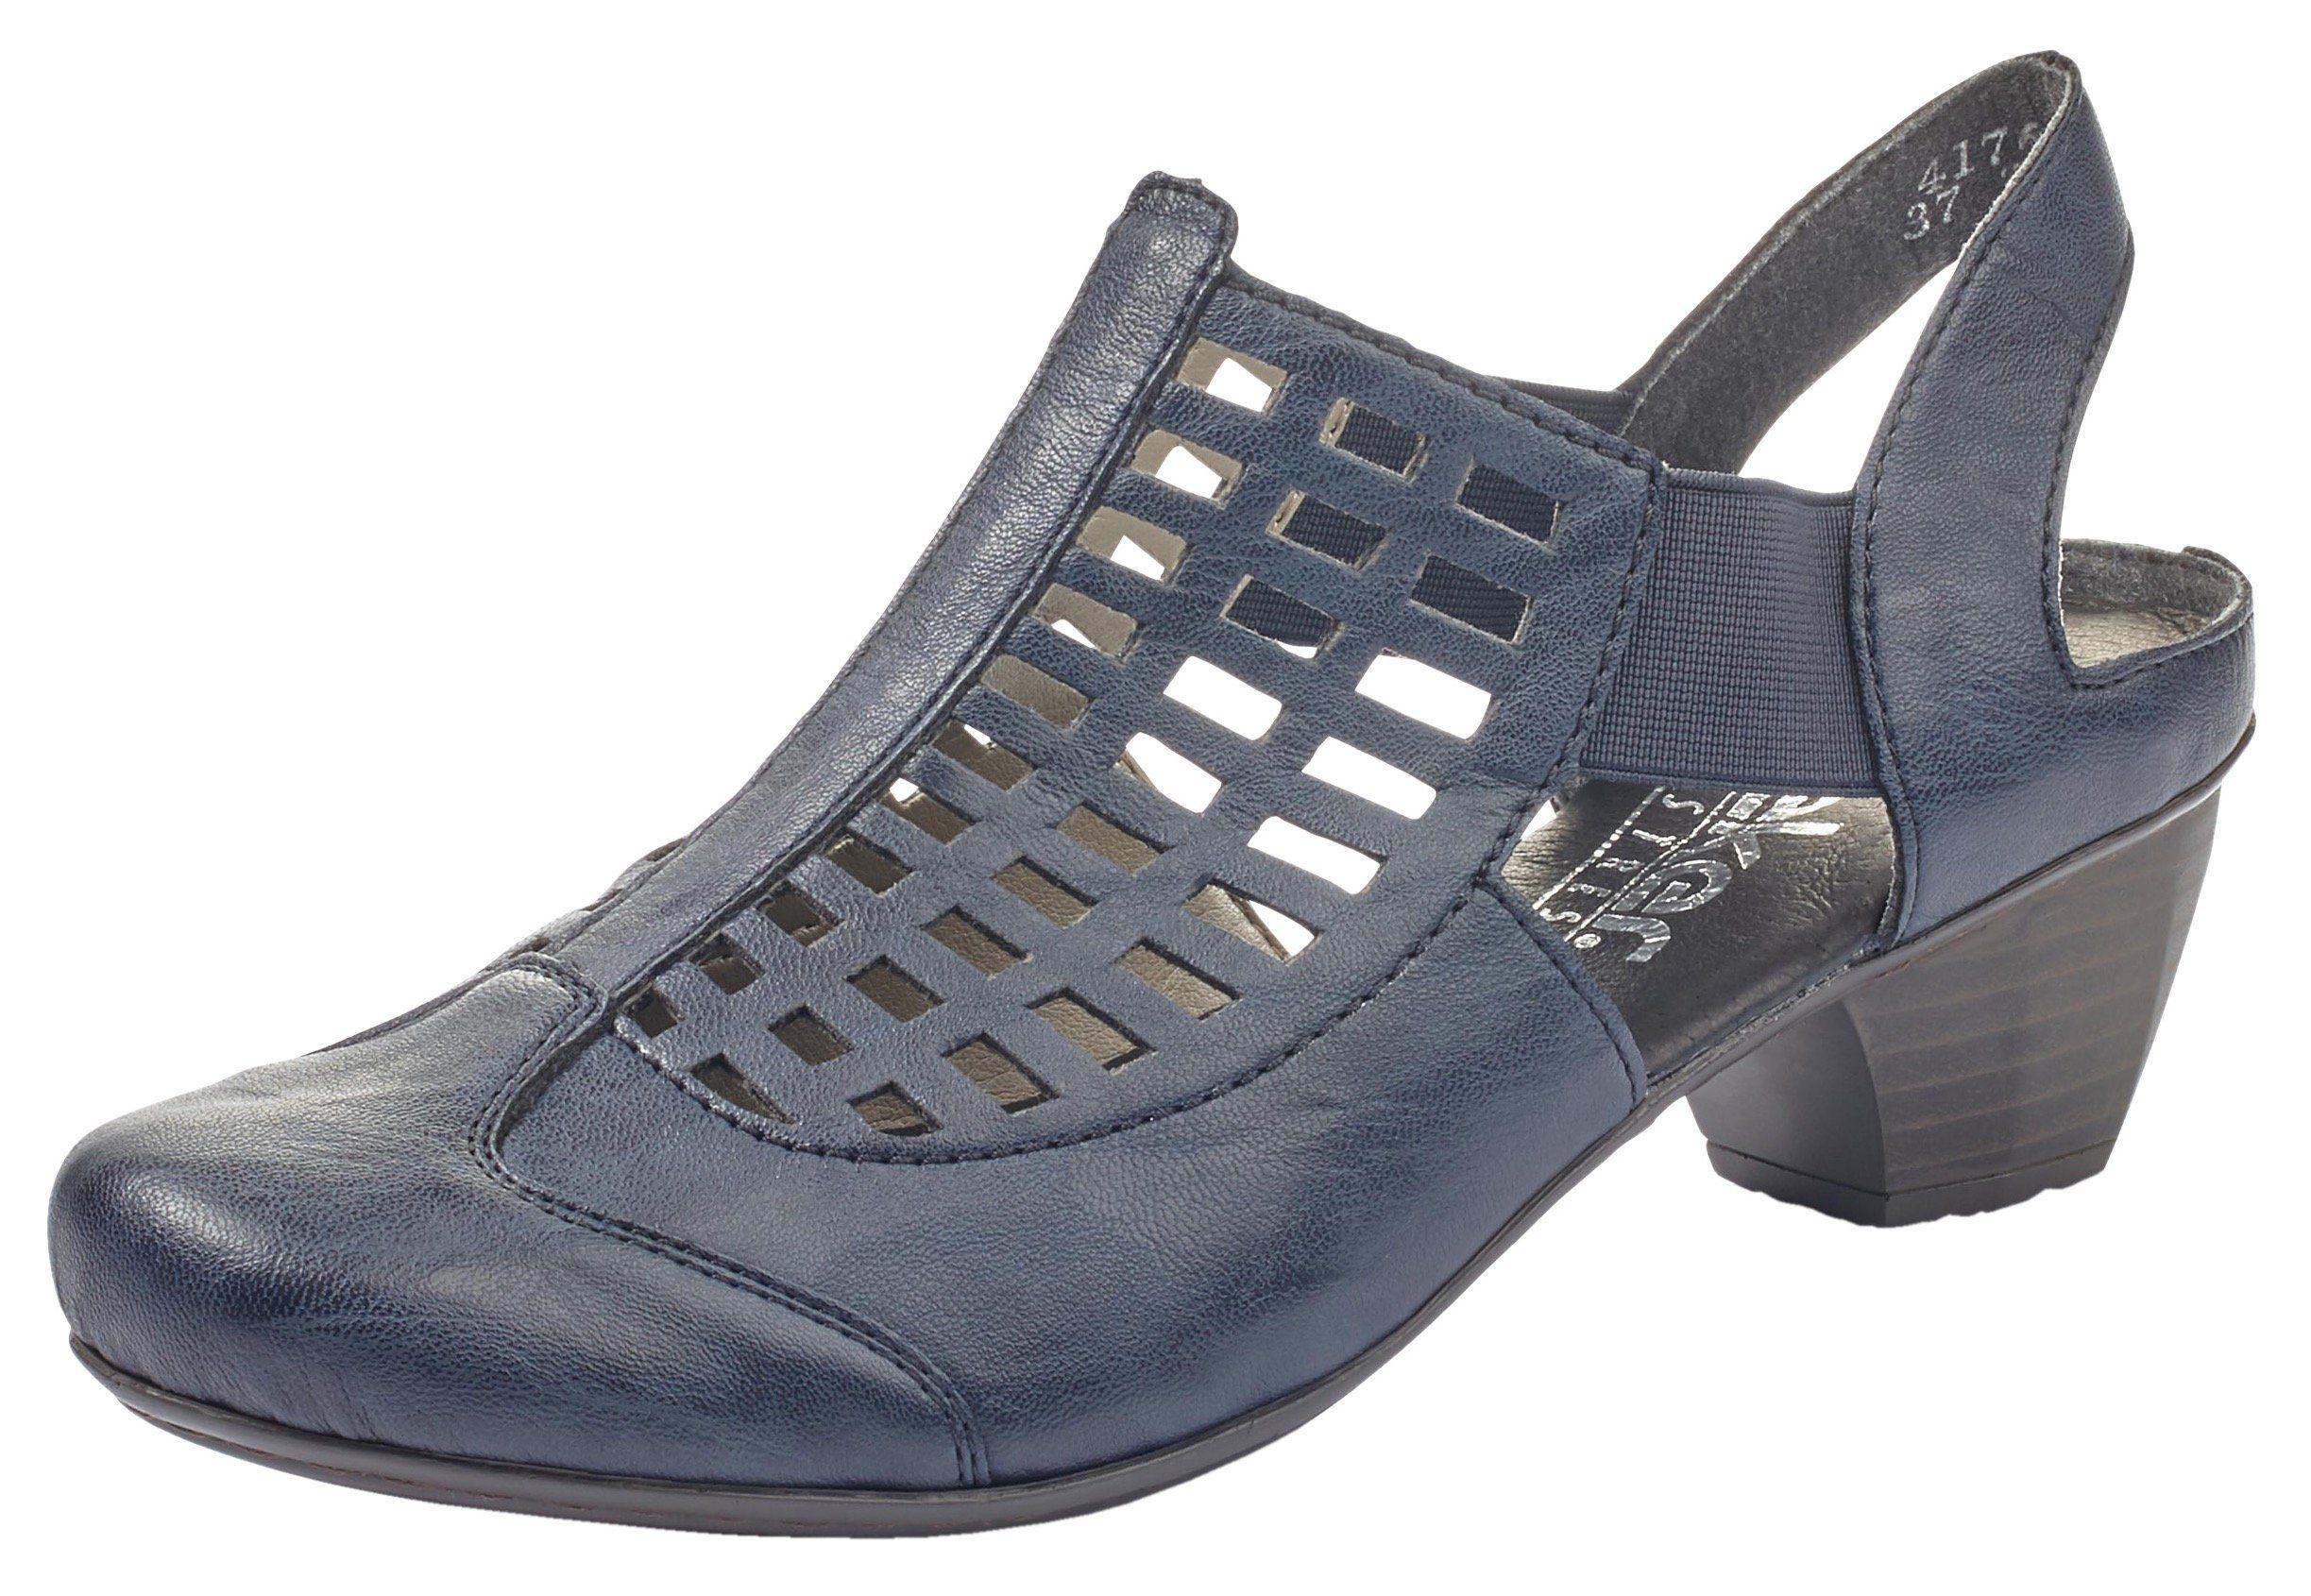 Sandalen Slaps Slides ROXY SANDY II Sandale 2019 blue Sandalen Sandaletten Slaps